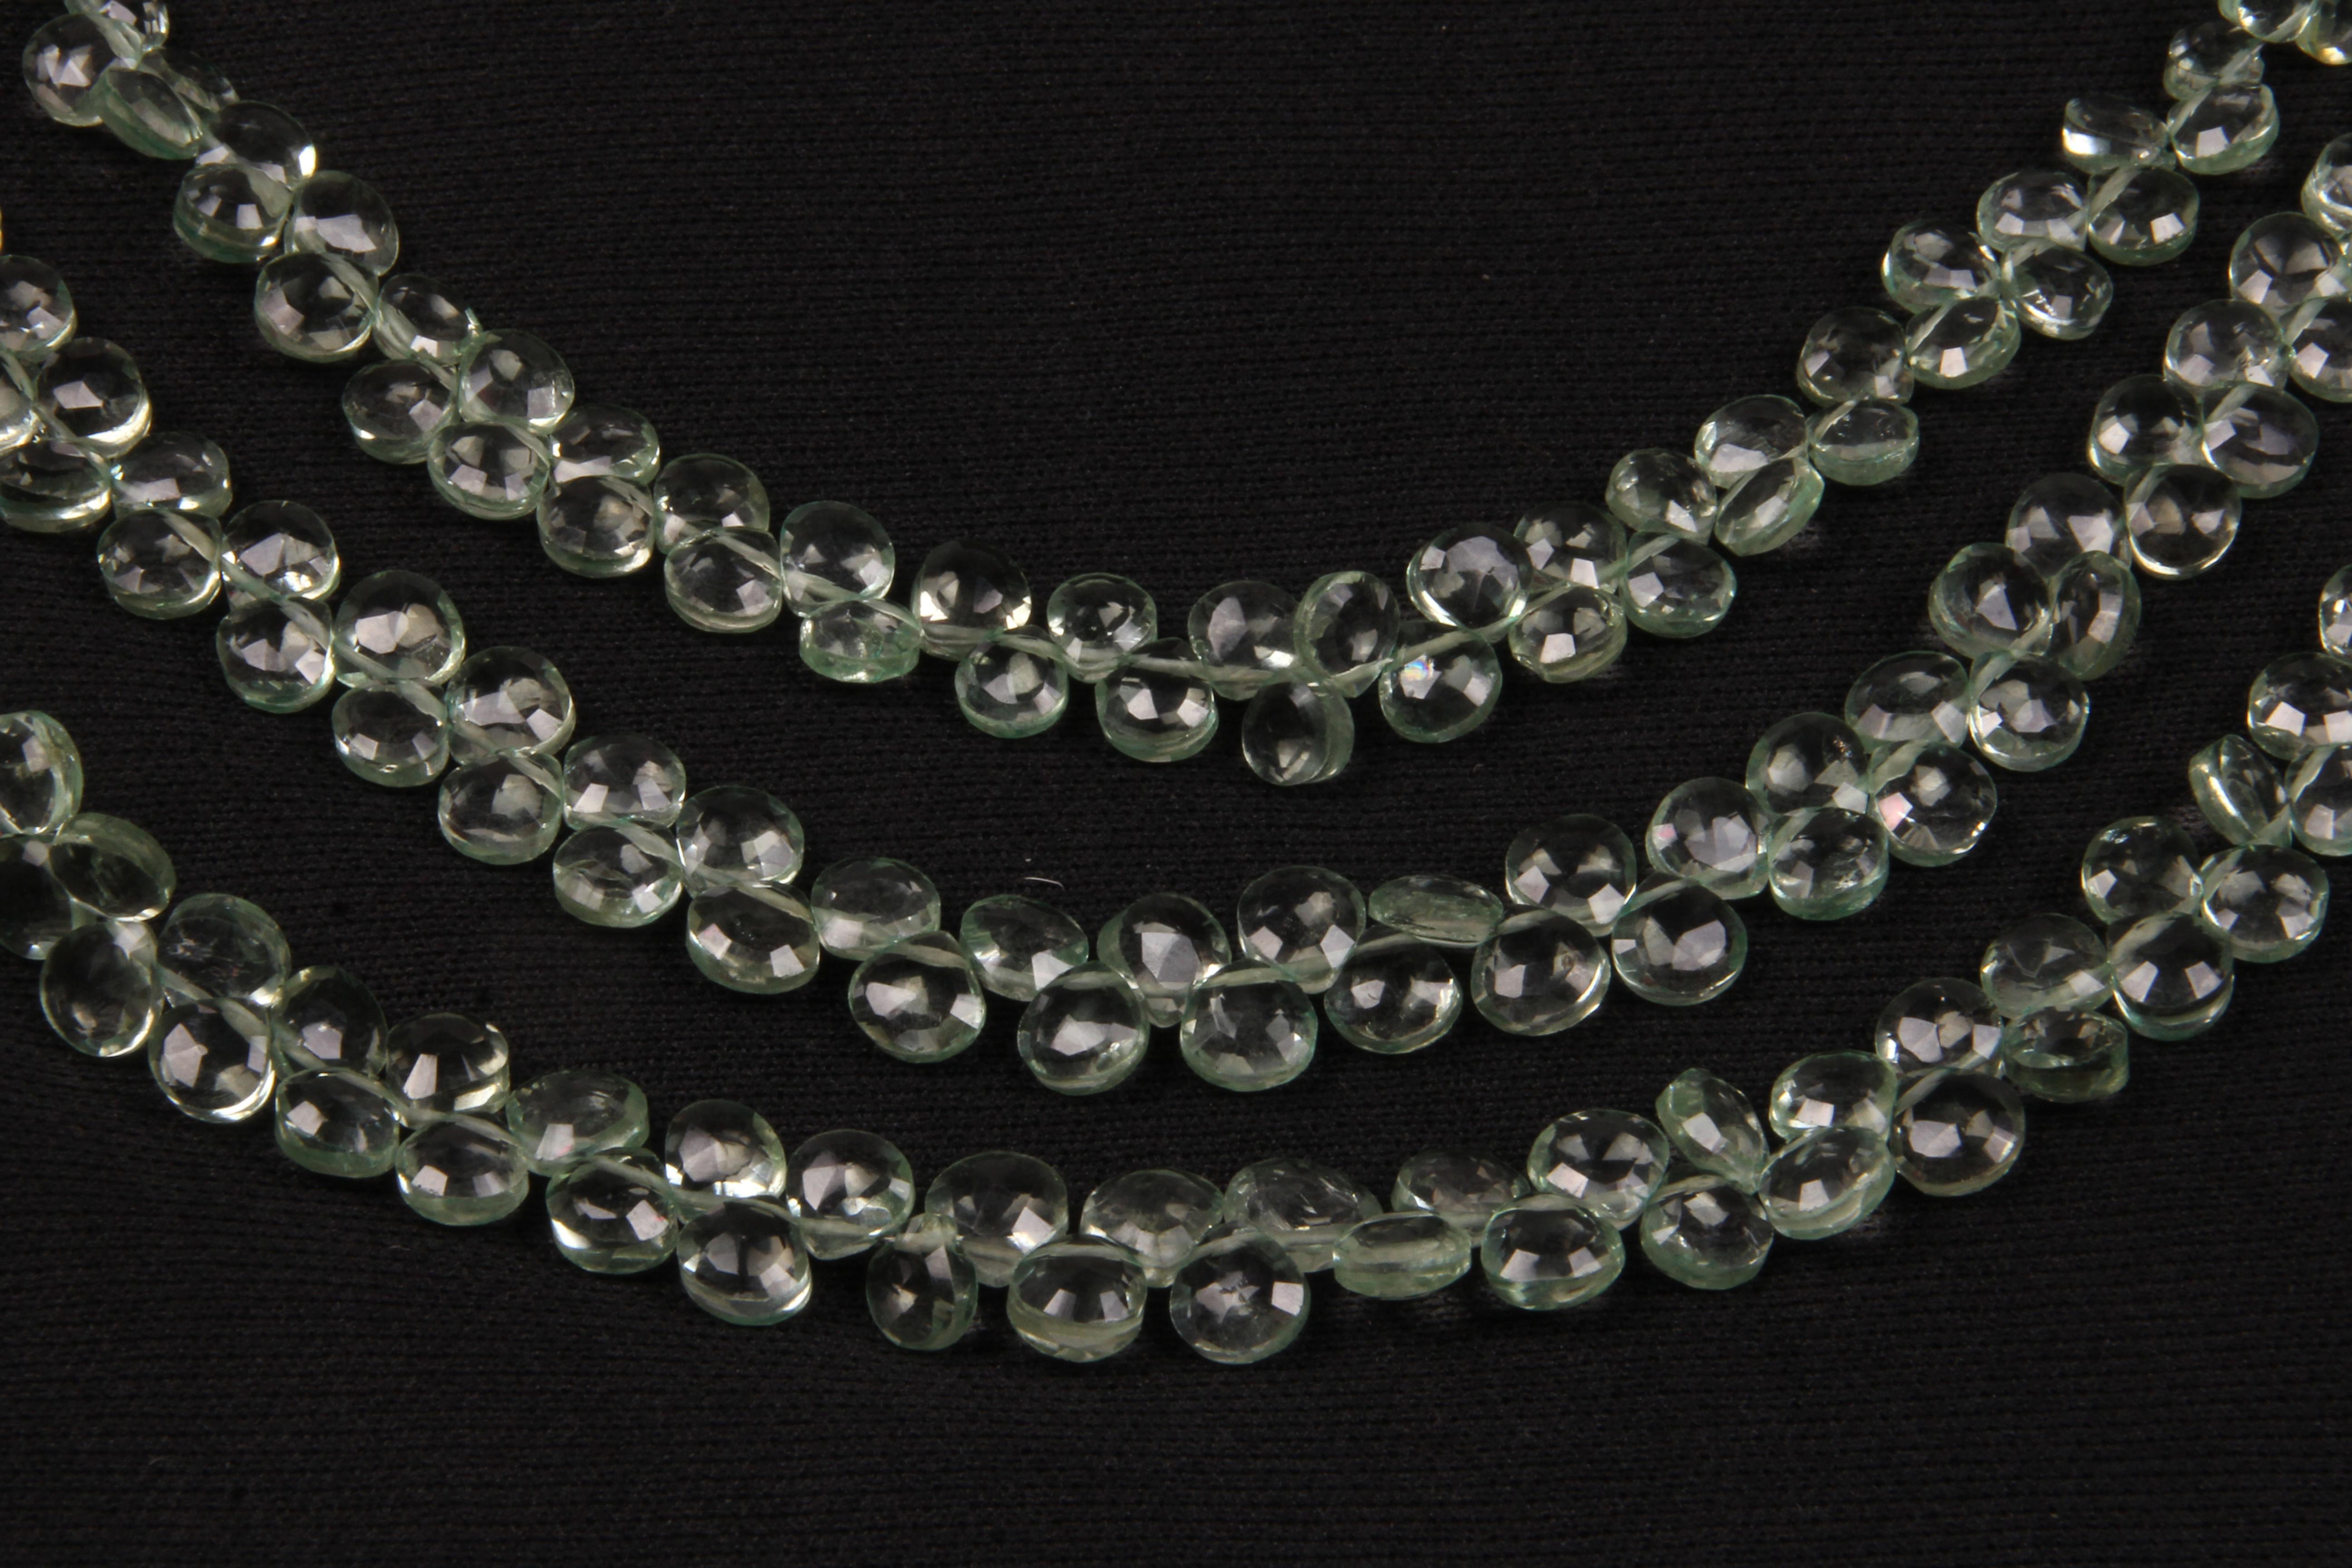 Green Amethyst Heart Beads